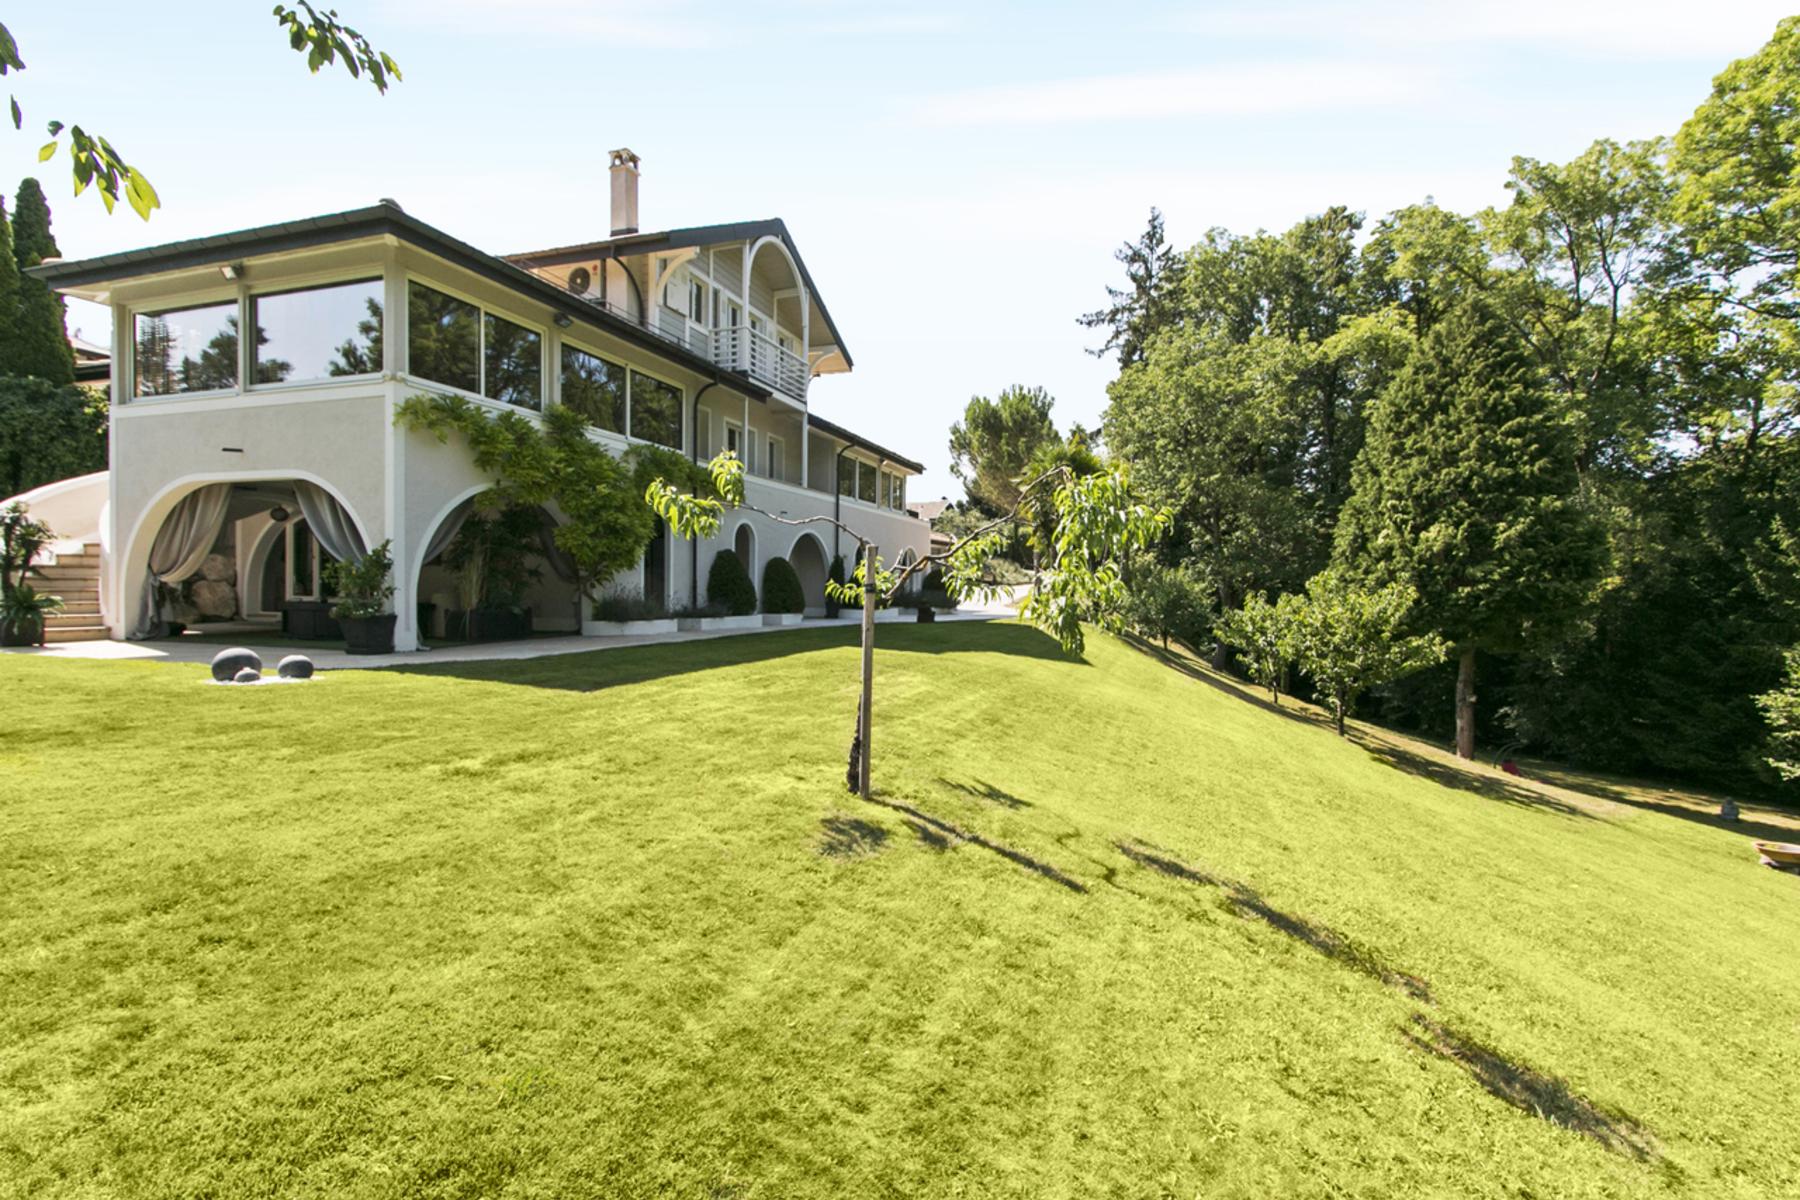 Nhà ở một gia đình vì Bán tại For sale, House, 1227 Carouge GE, Réf 8679 Other Switzerland, Các Vùng Khác Ở Thụy Sĩ, 1227 Thụy Sĩ